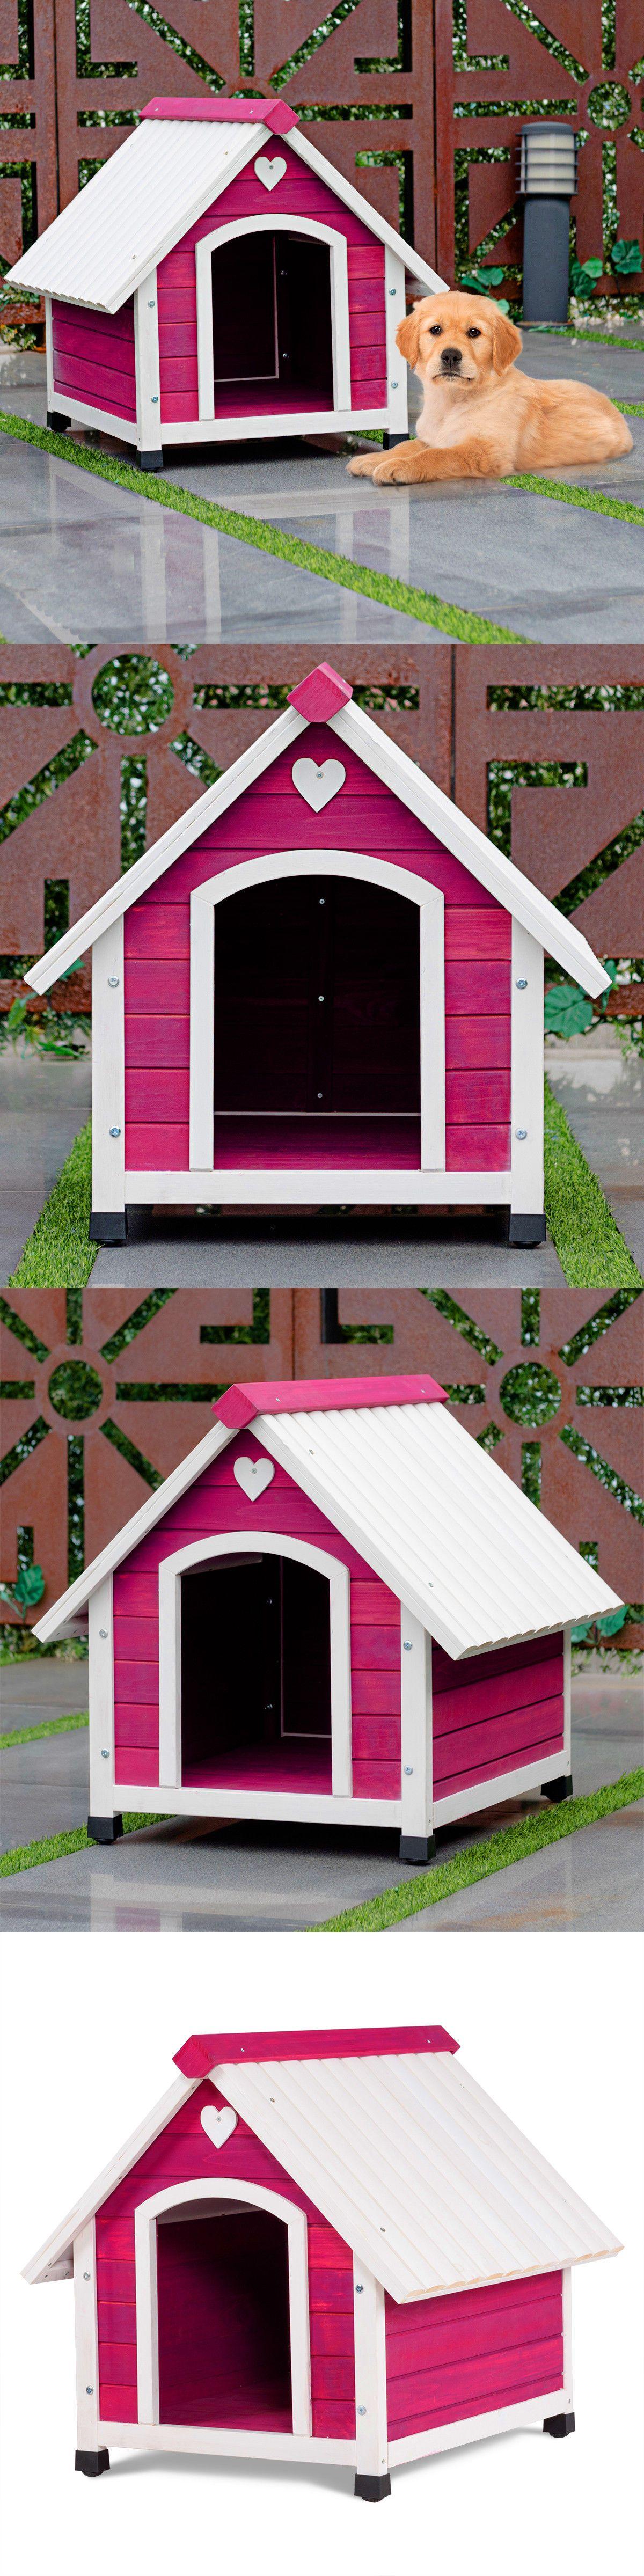 Pin On Dog Houses 108884